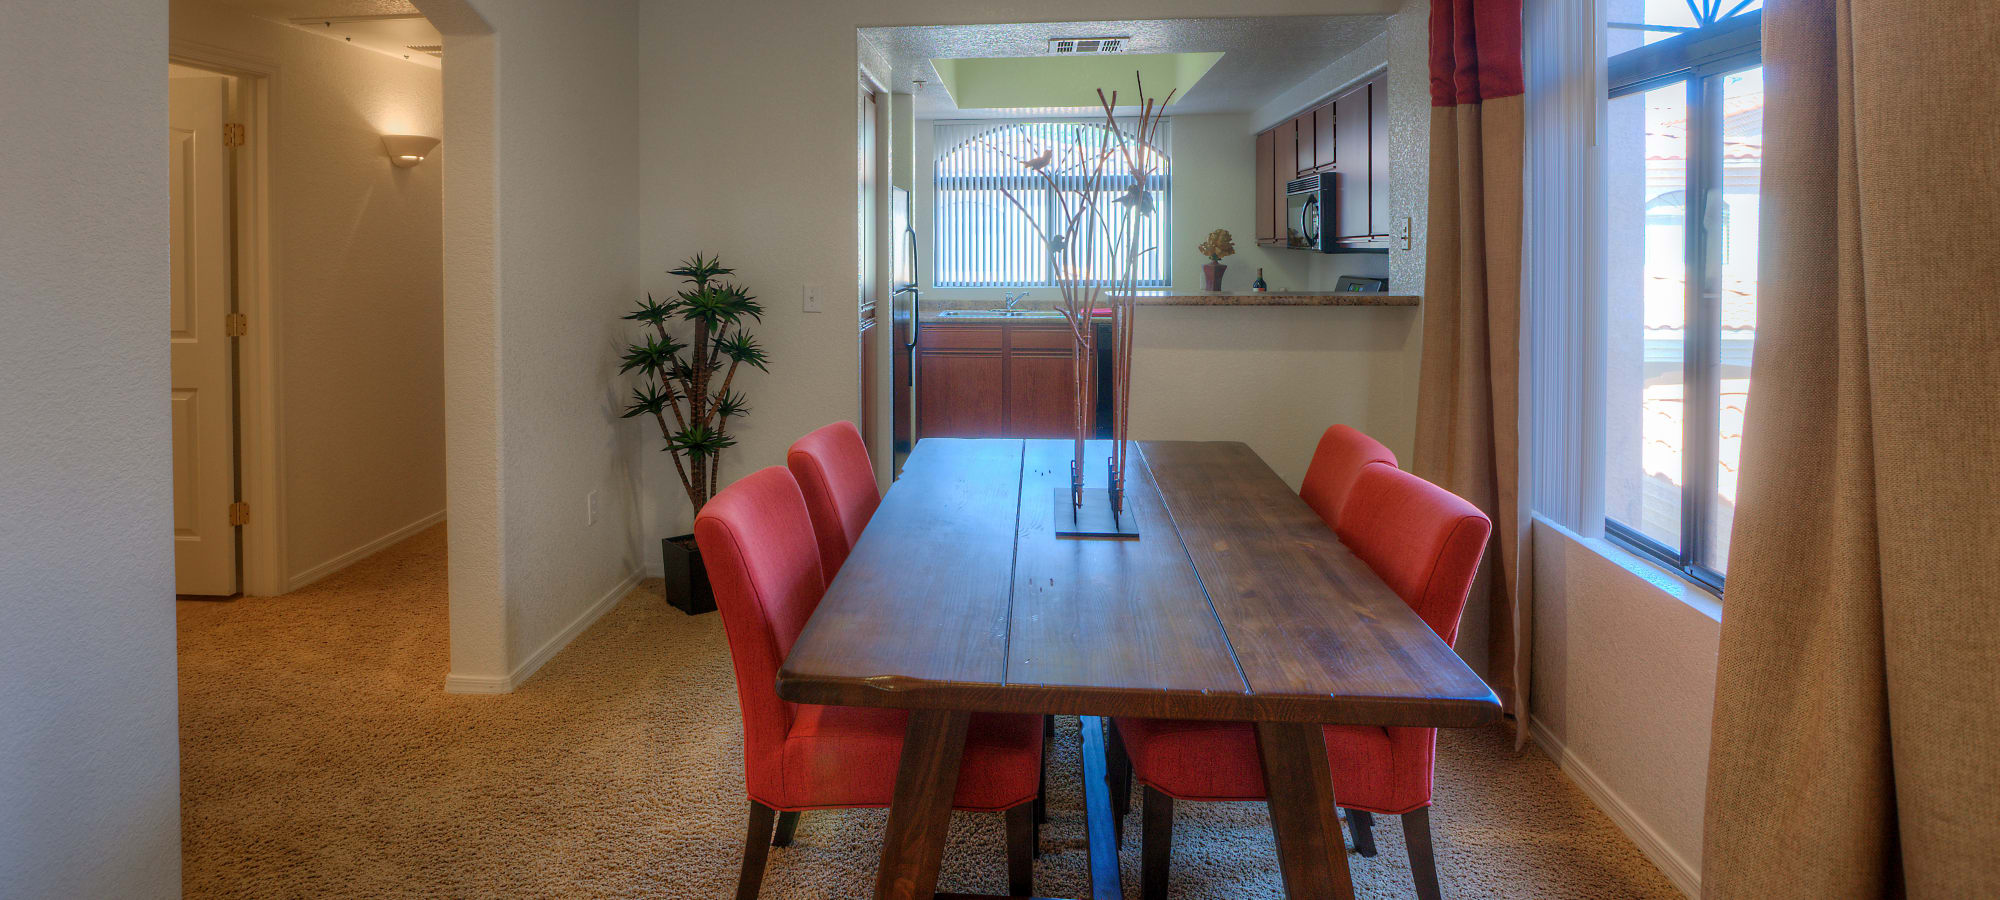 San Prado dining room in Glendale, Arizona